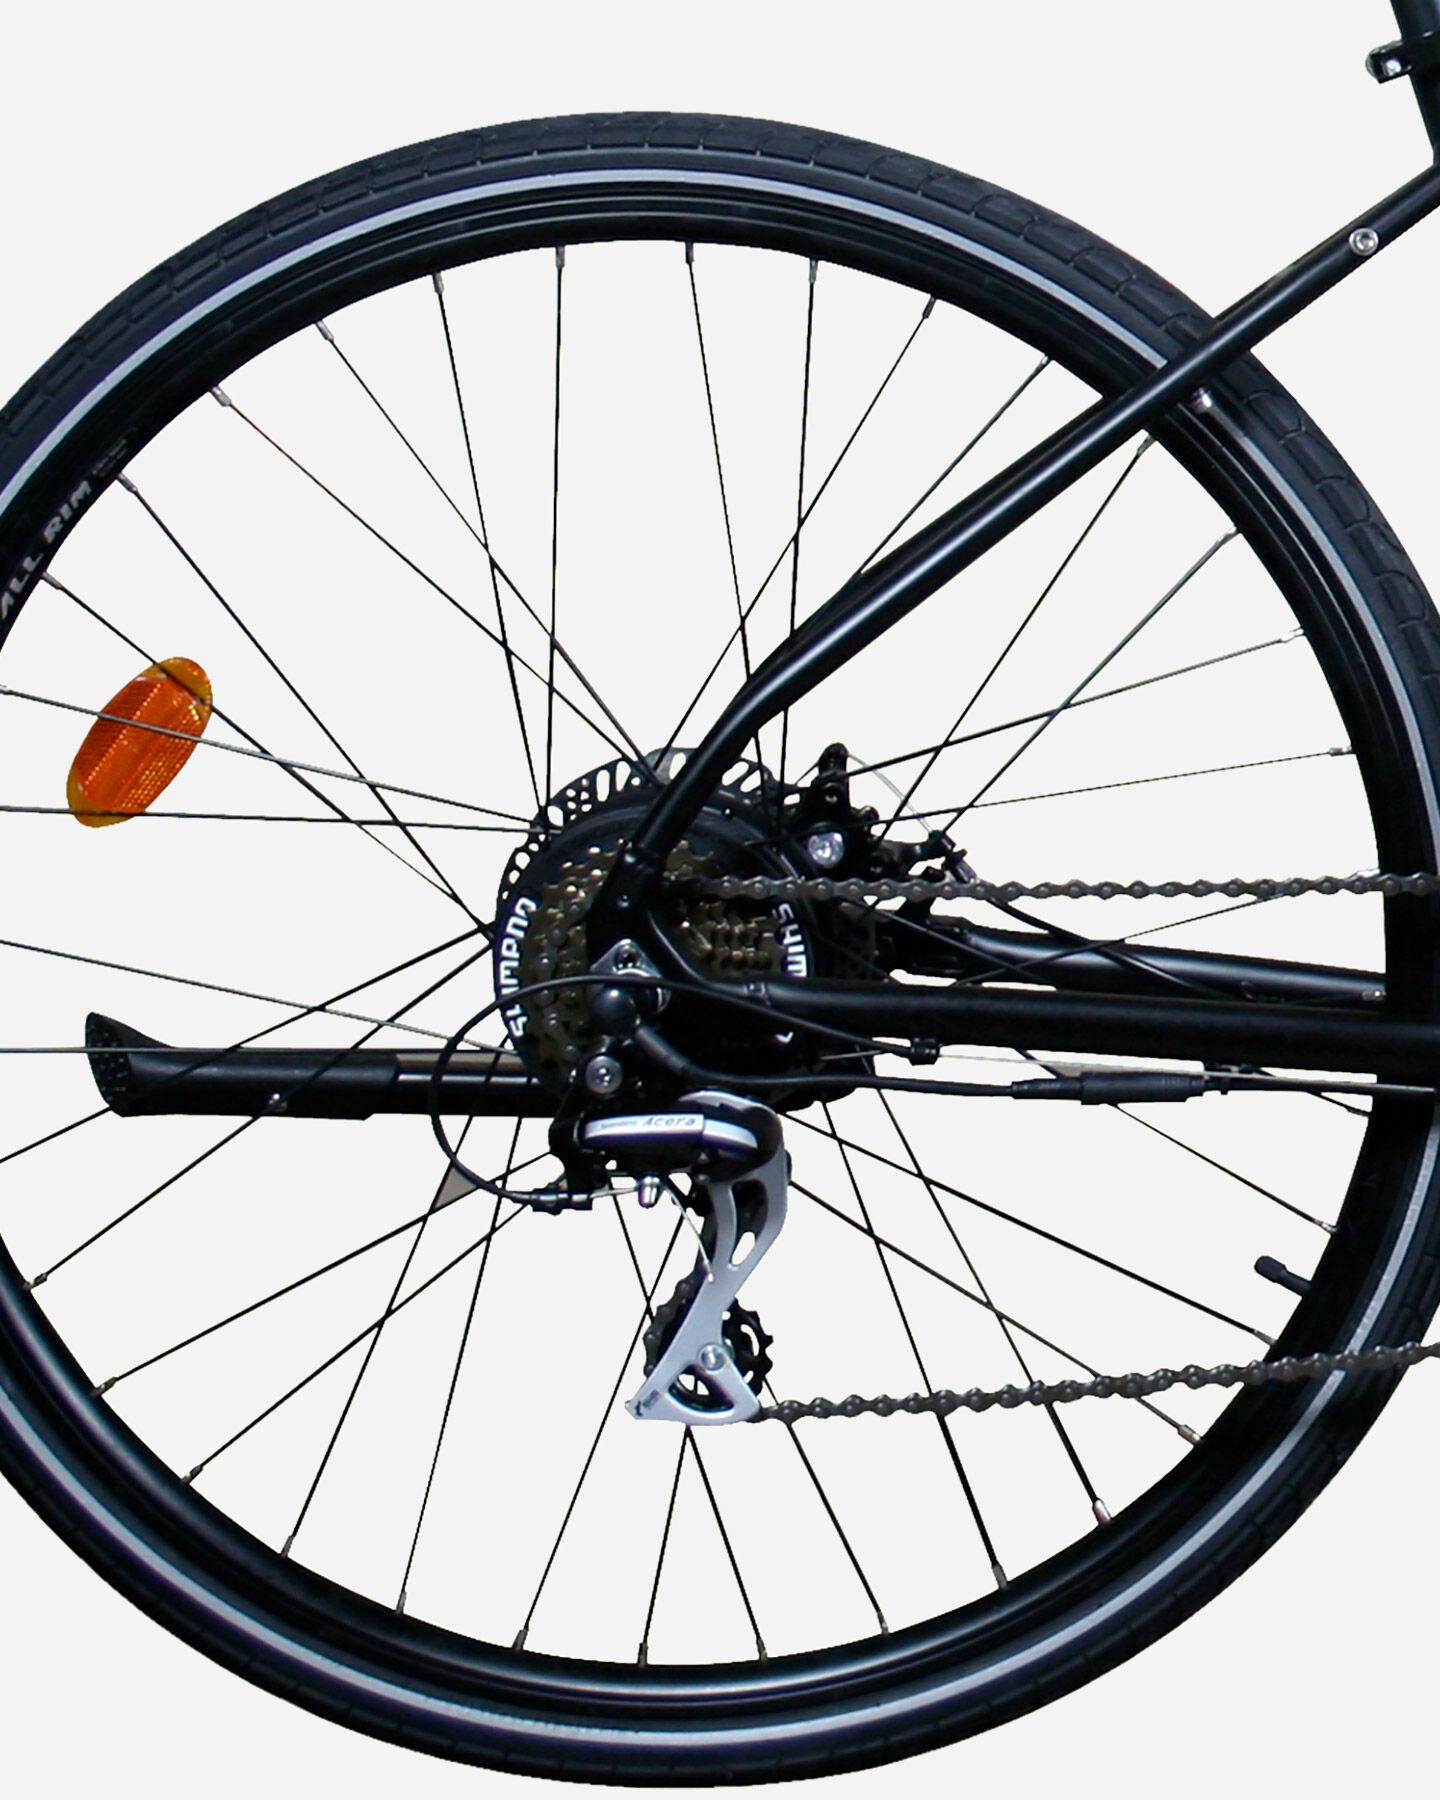 Bici elettrica VIVOBIKE E-BIKE VC28H S4084398 1 UNI scatto 1